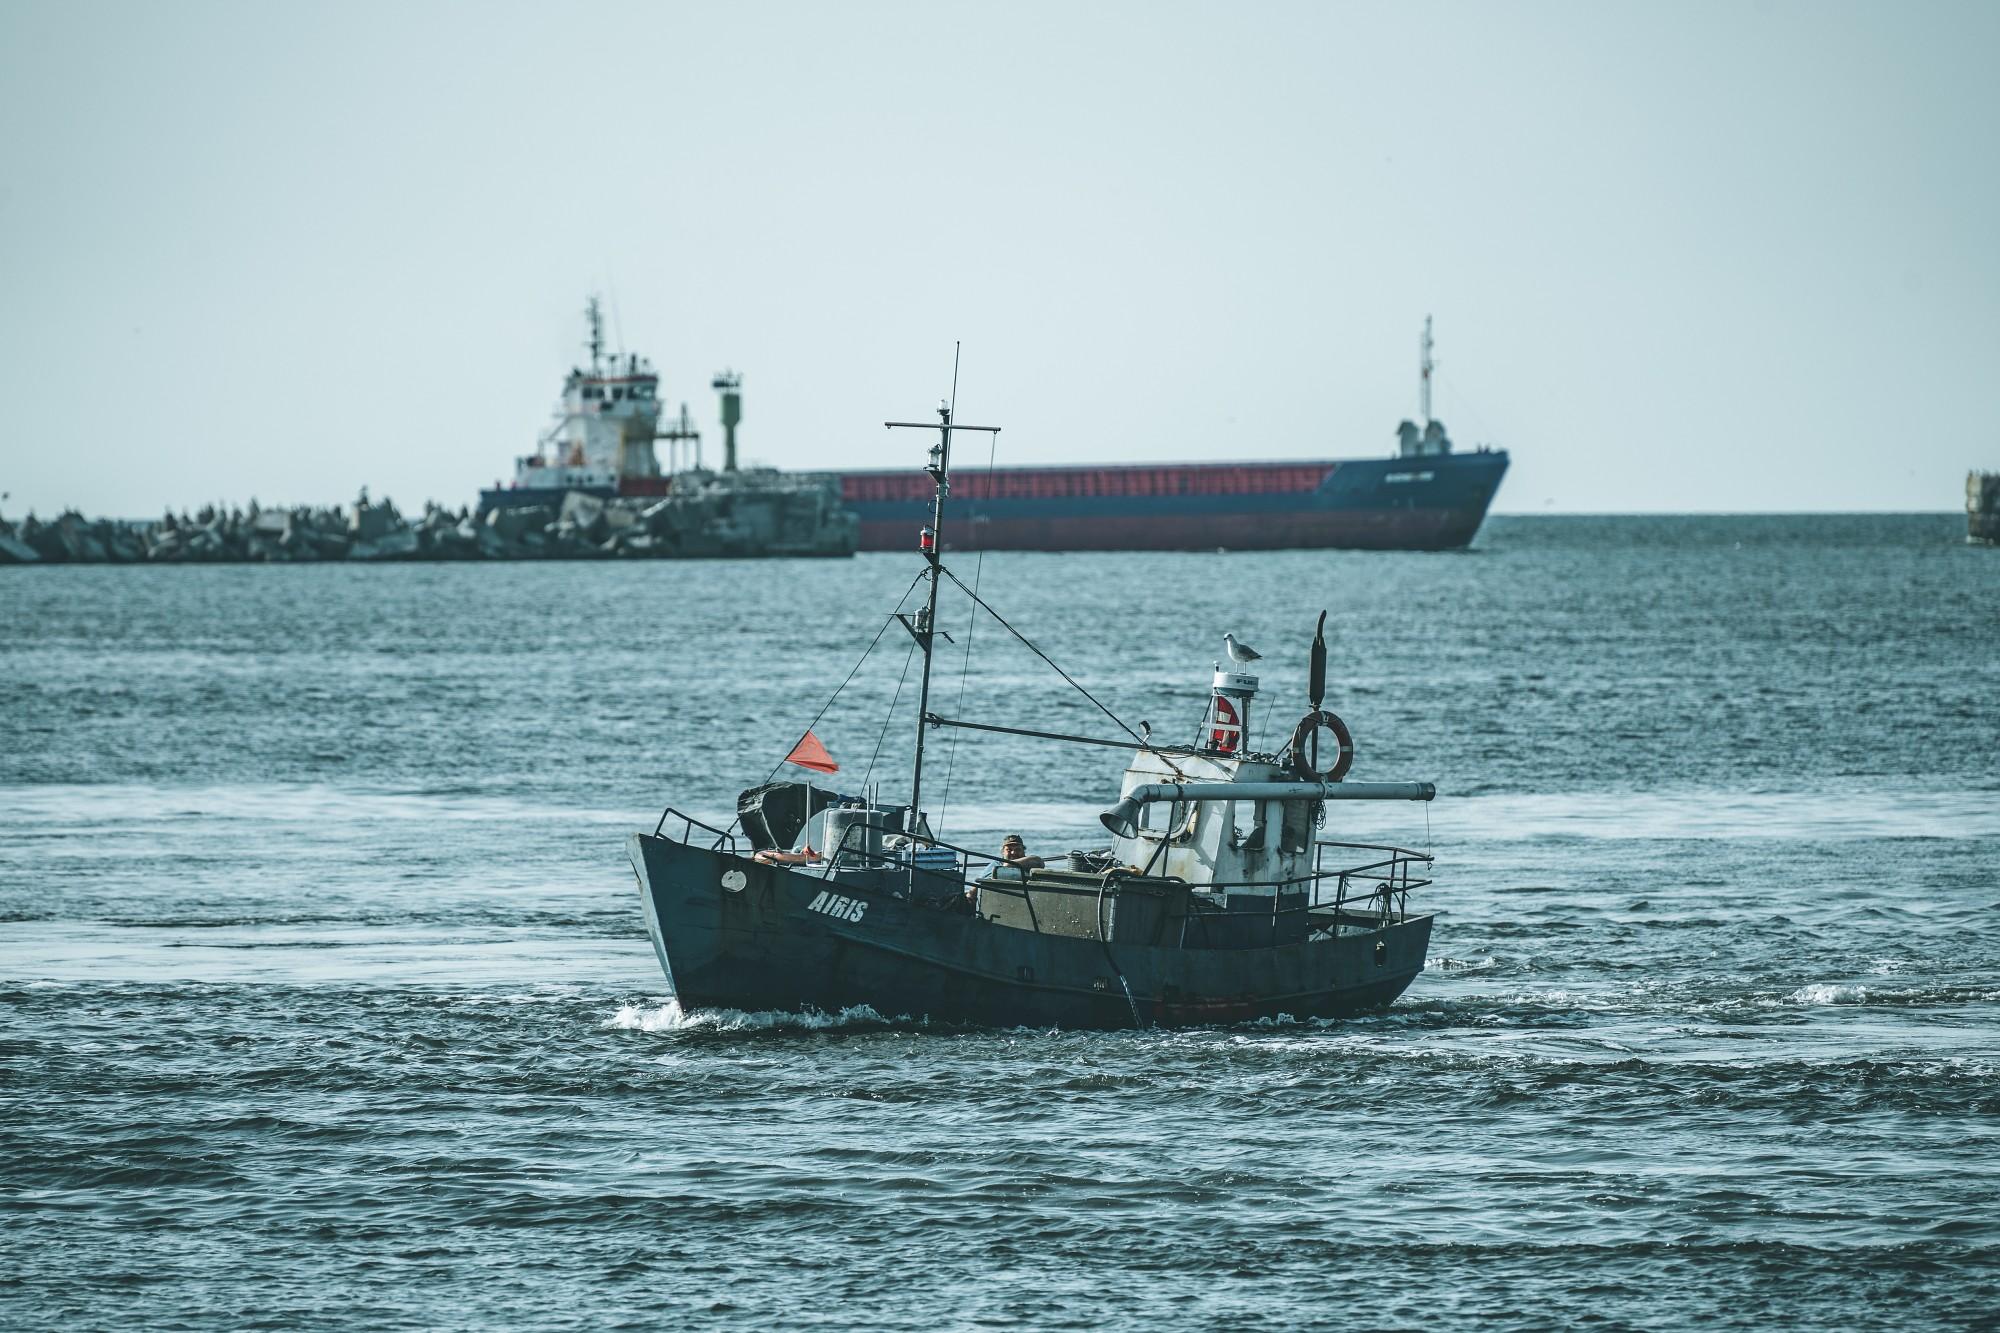 Jūras svētkosvēlas izveidot jaunu tradīciju – laivu un kuģu parādi